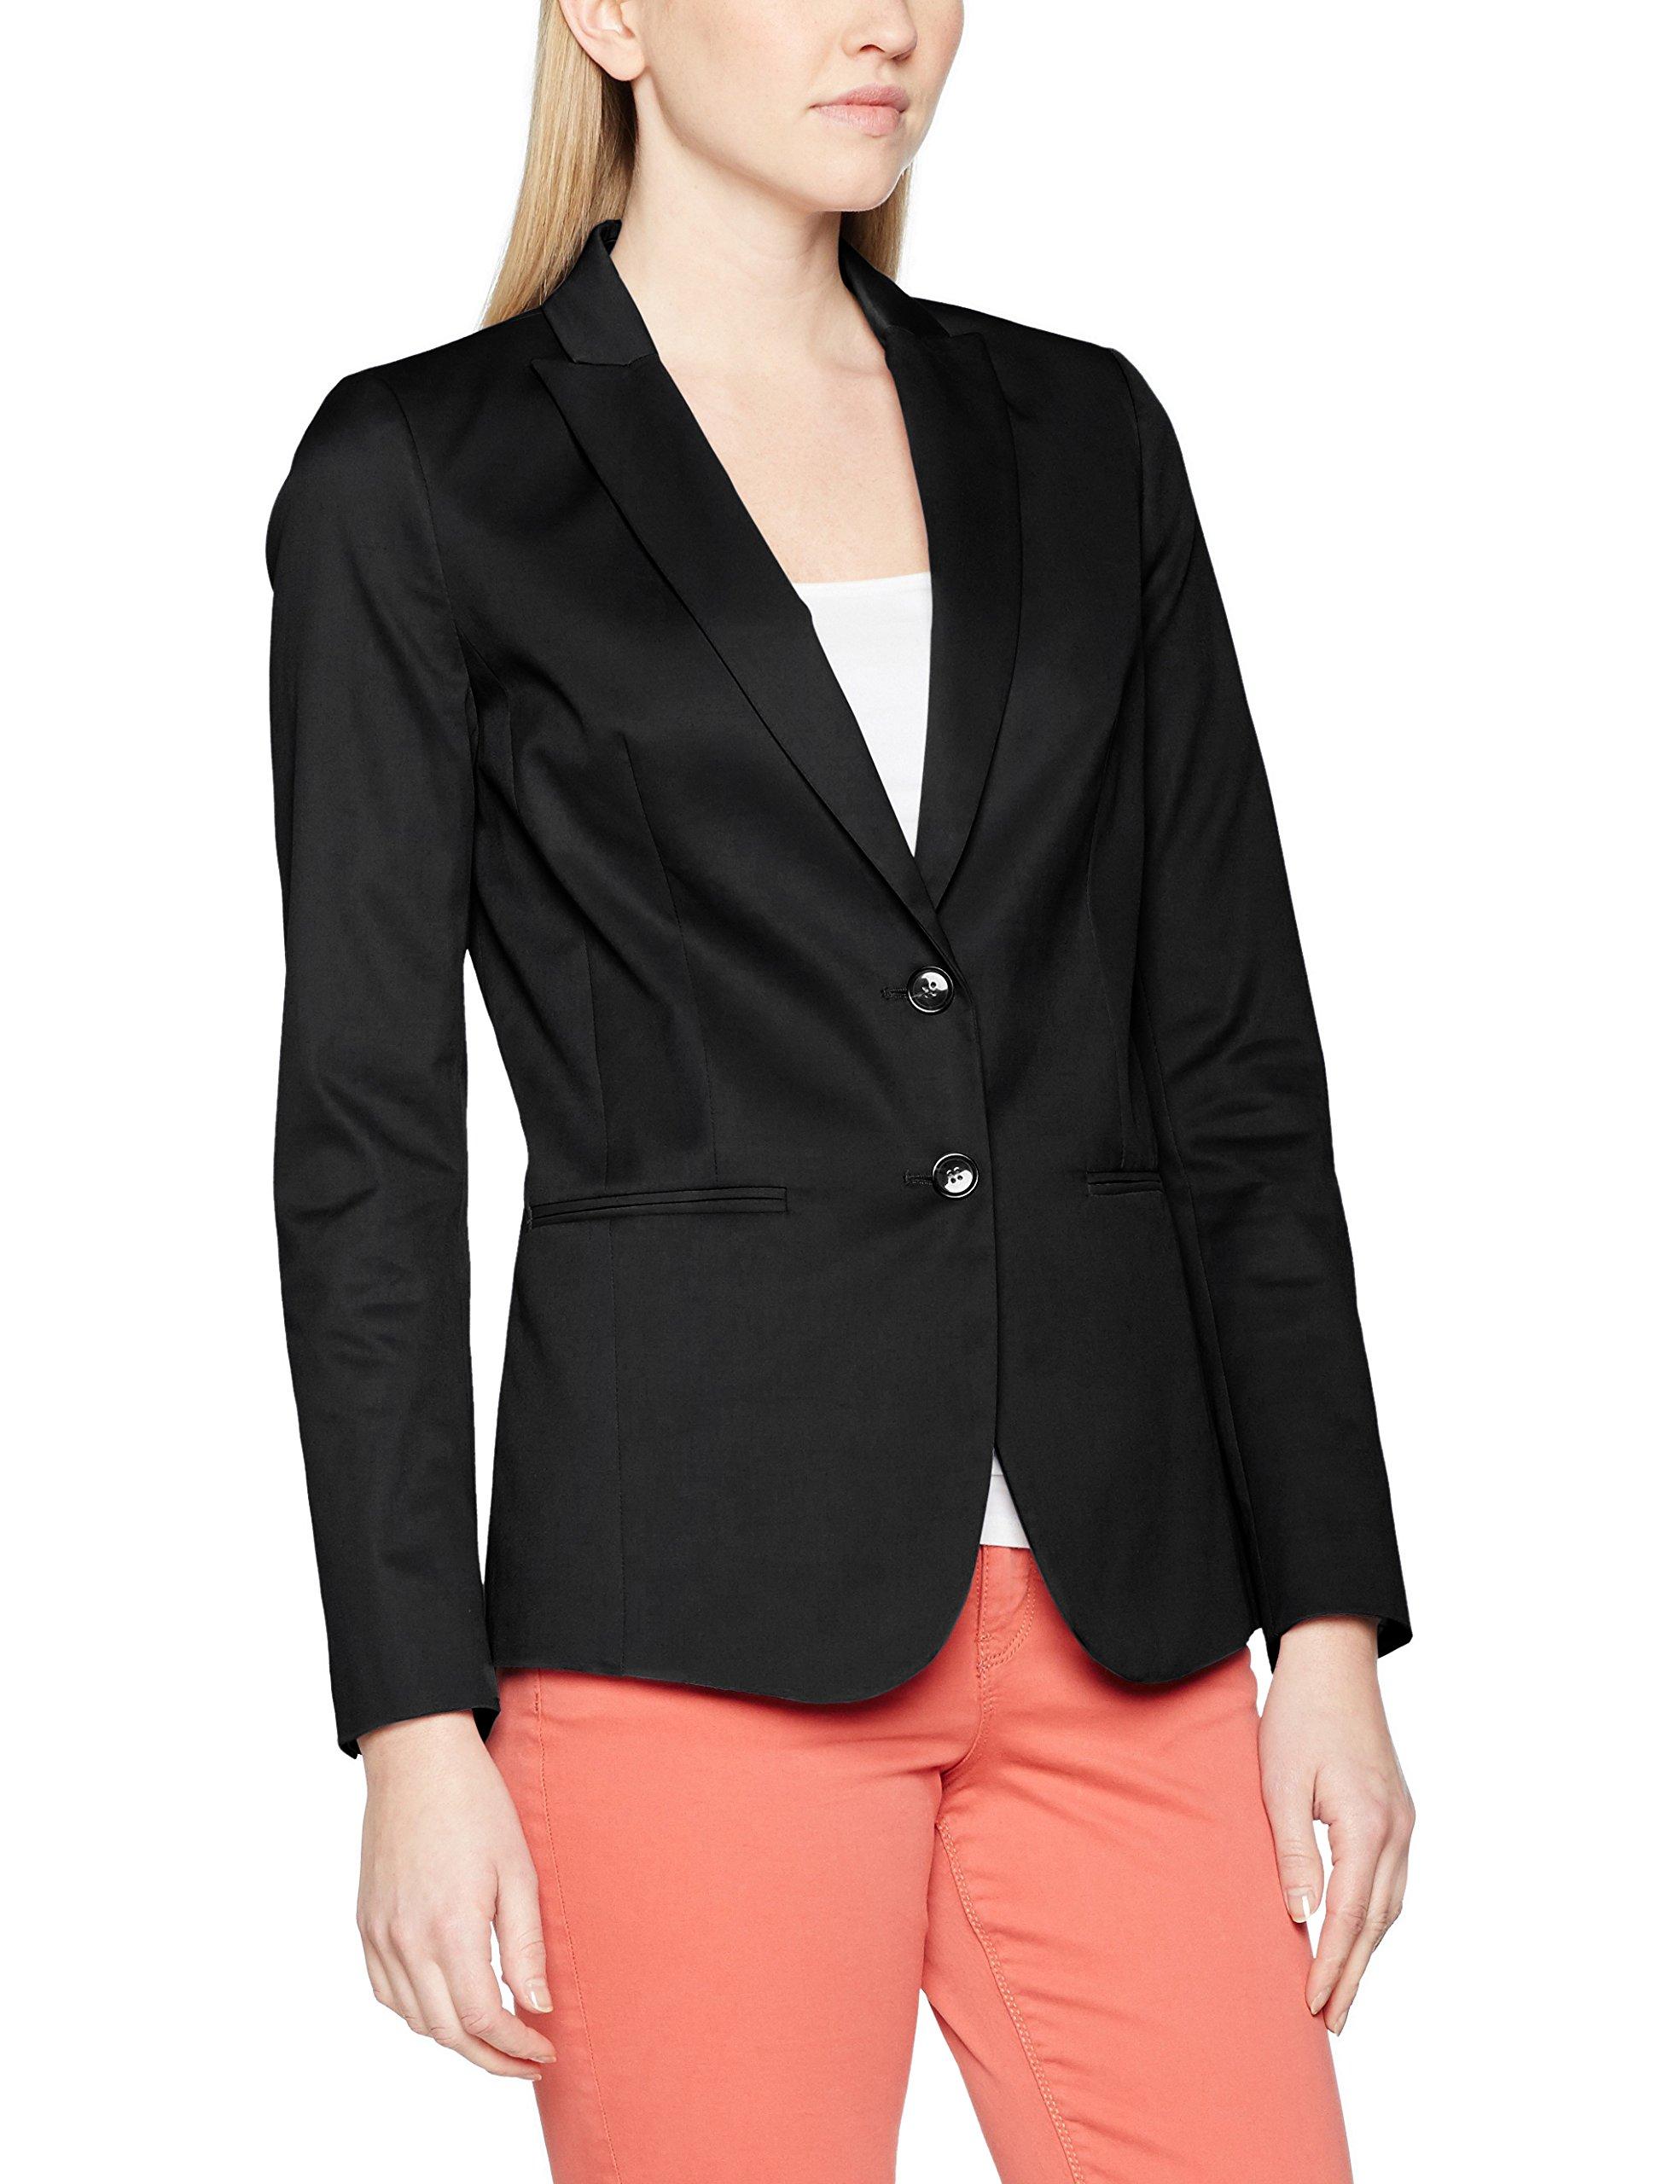 Fabricant44Femme Benetton Slim Classic BlousonNoirblack12taille Colors United Fit Suit Of Jacket DE29HI